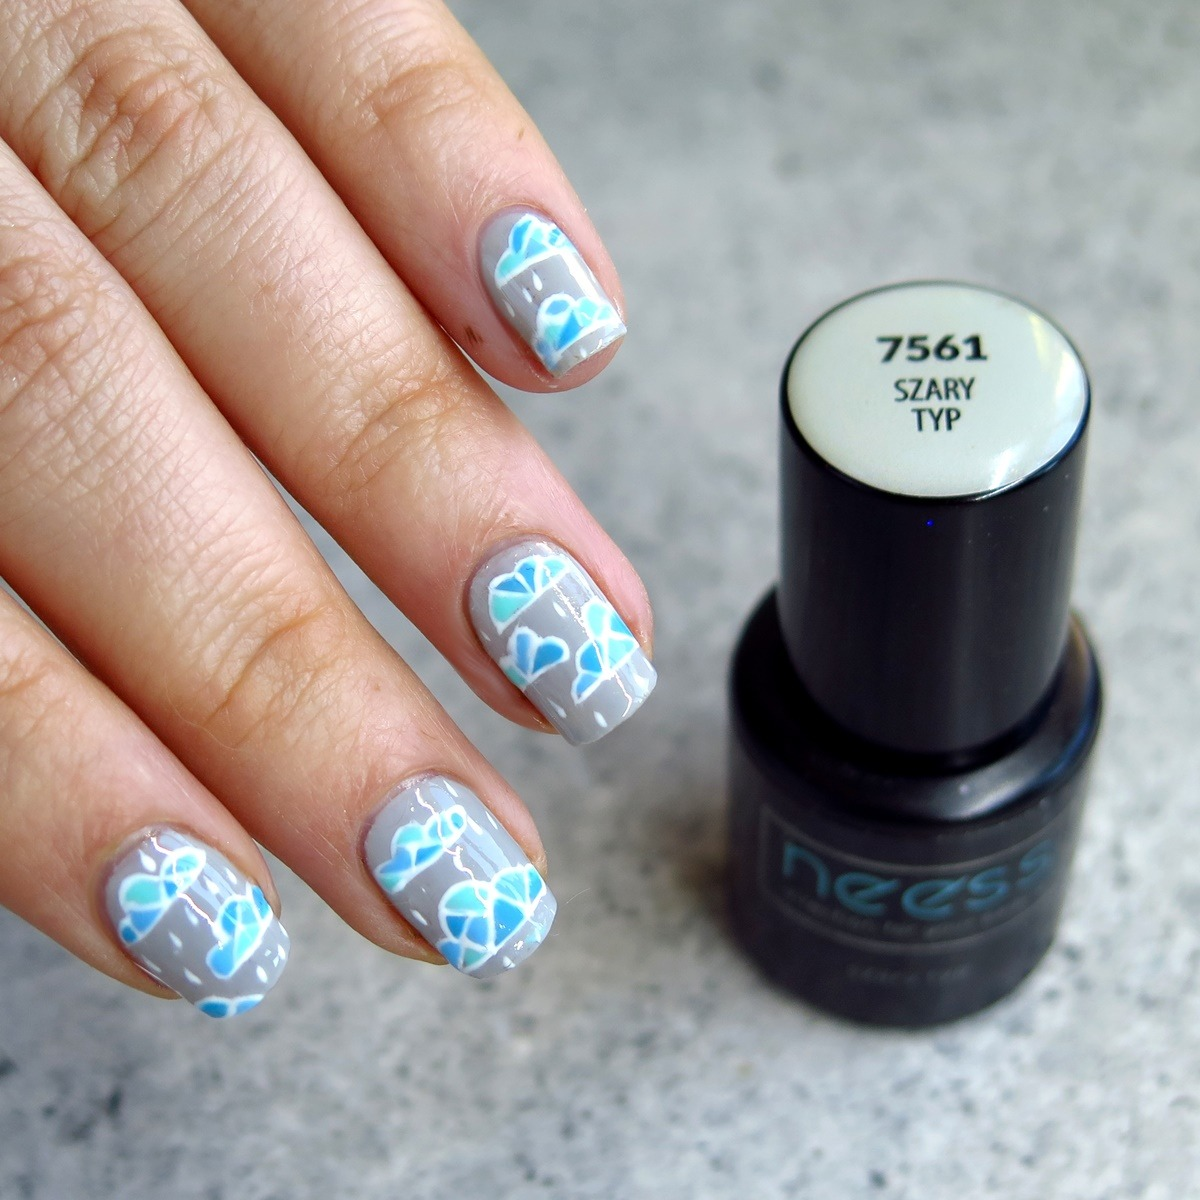 zdobienie paznokci na lato wzory w chmurki geometryczne zdobienie stylizacja paznokci na urlop wakacje